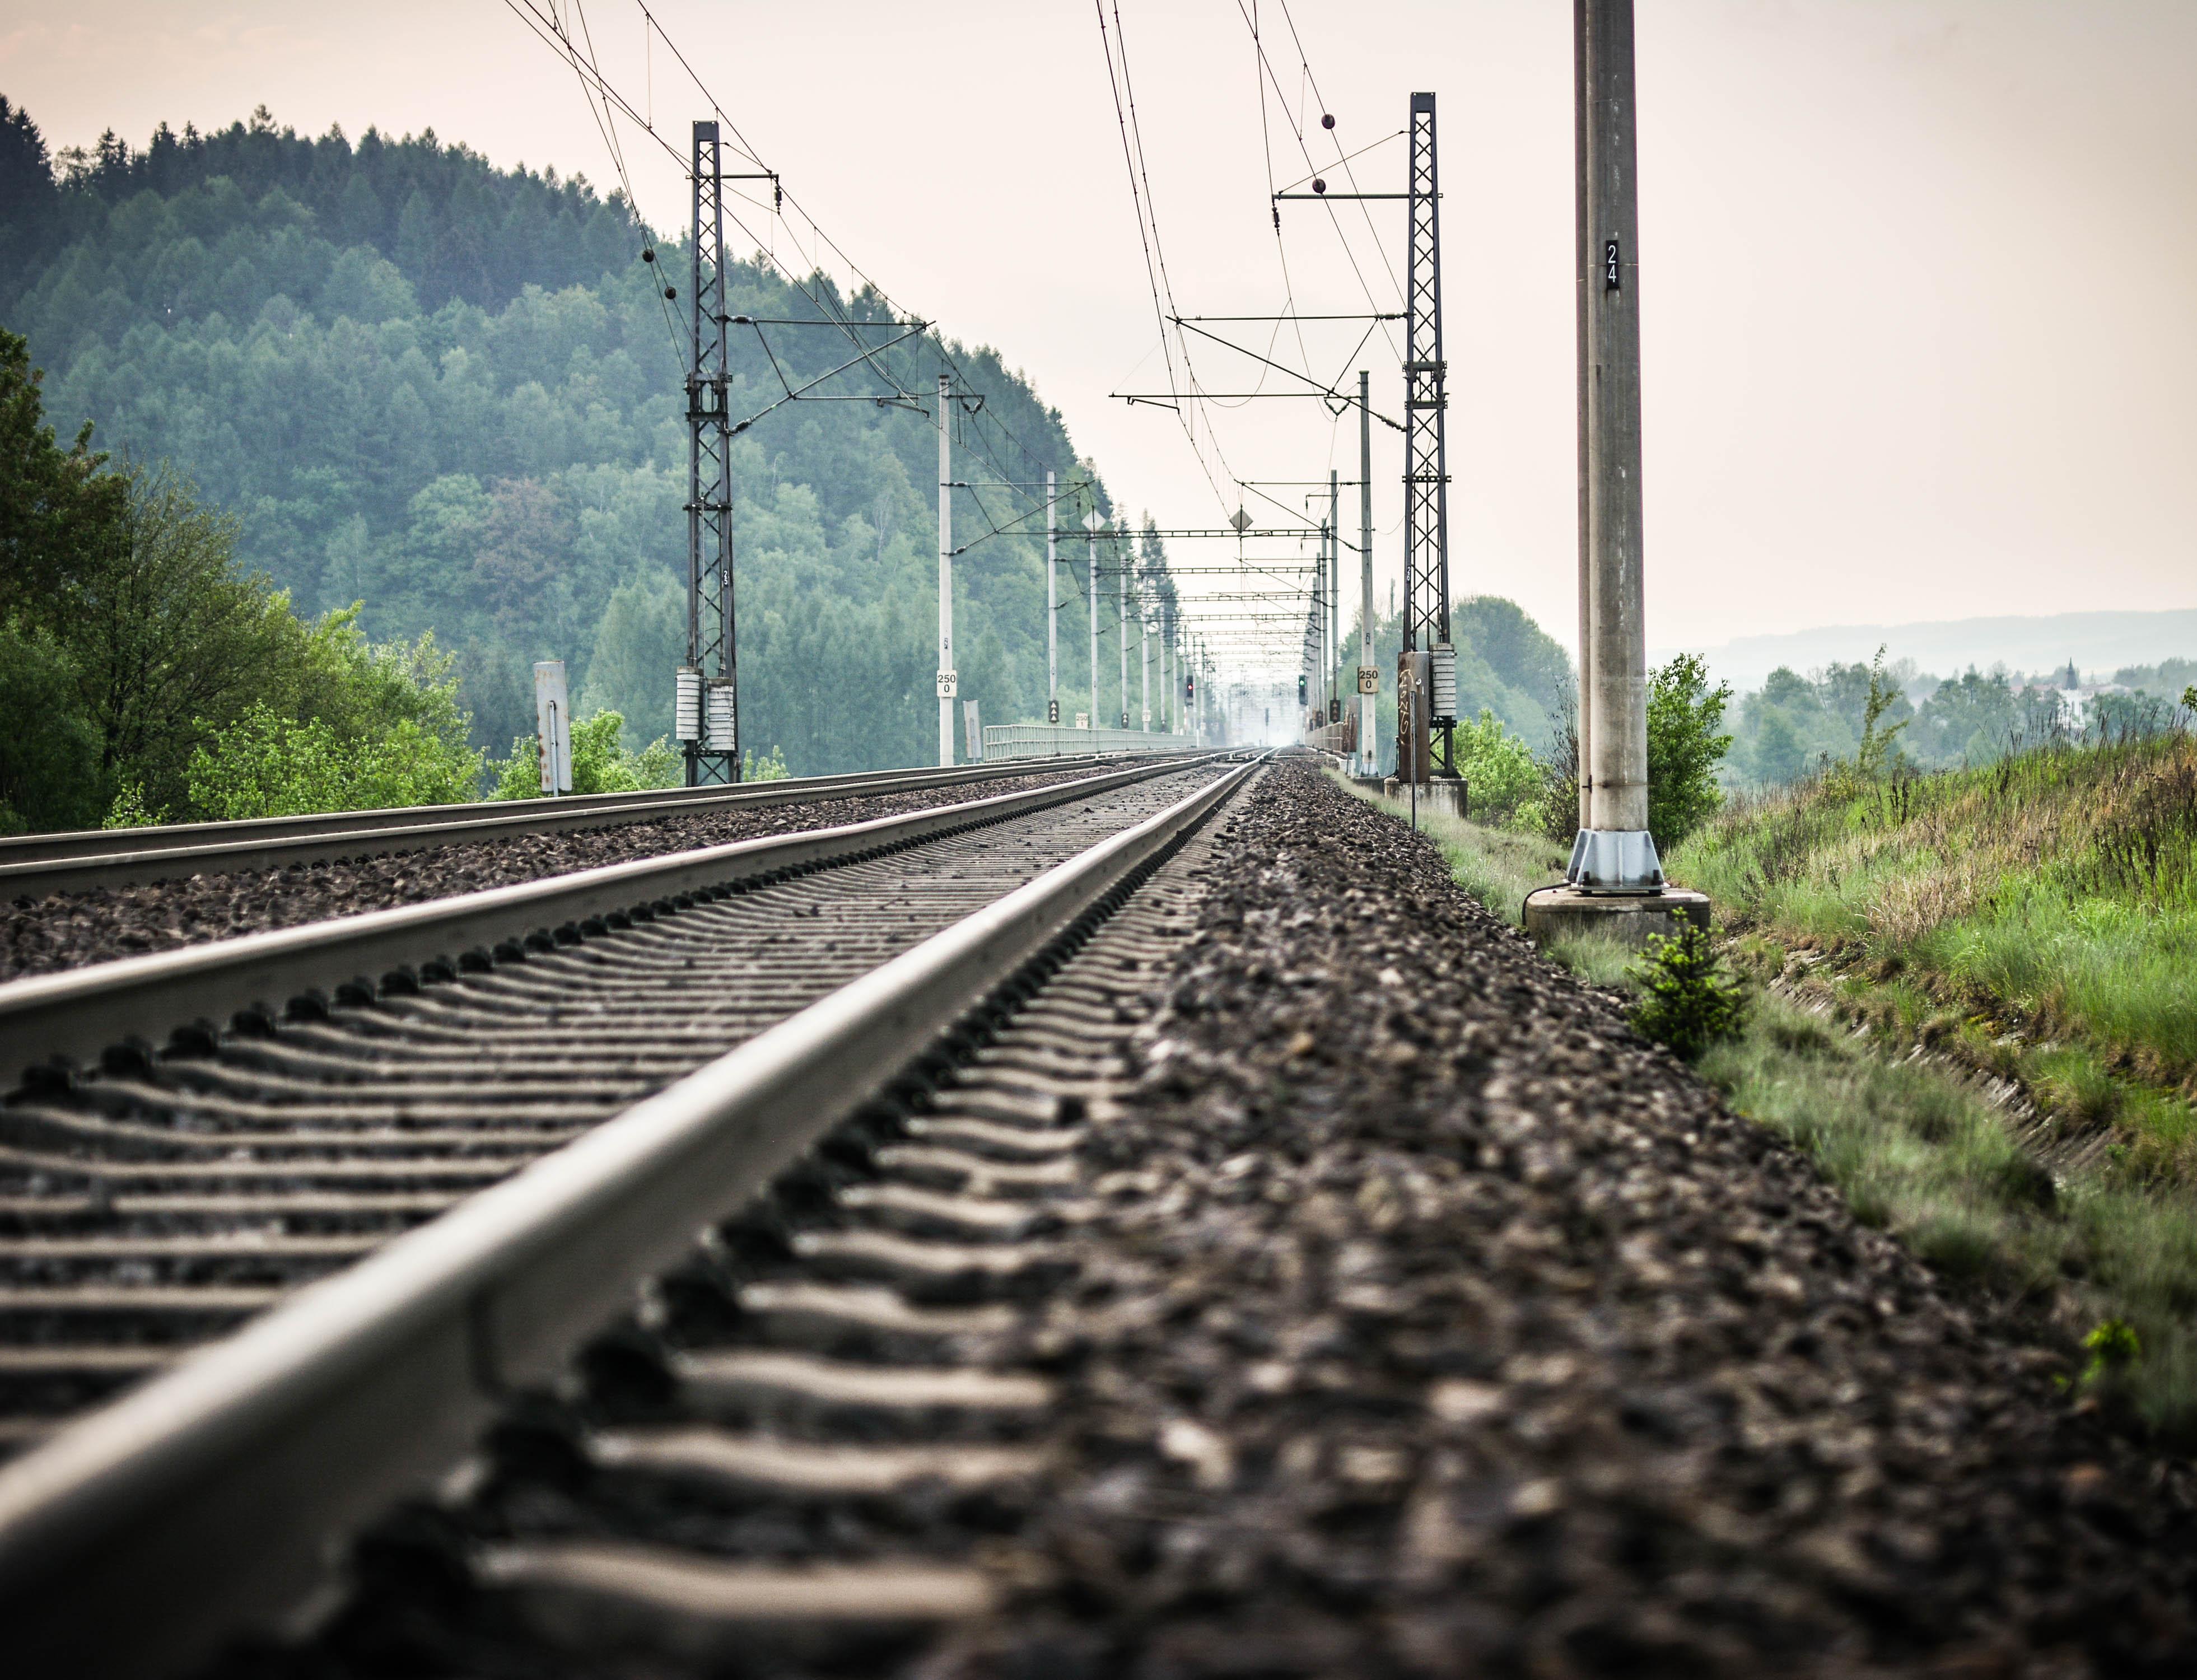 Hlavní vlakové nádraží Ústí nad Orlicí